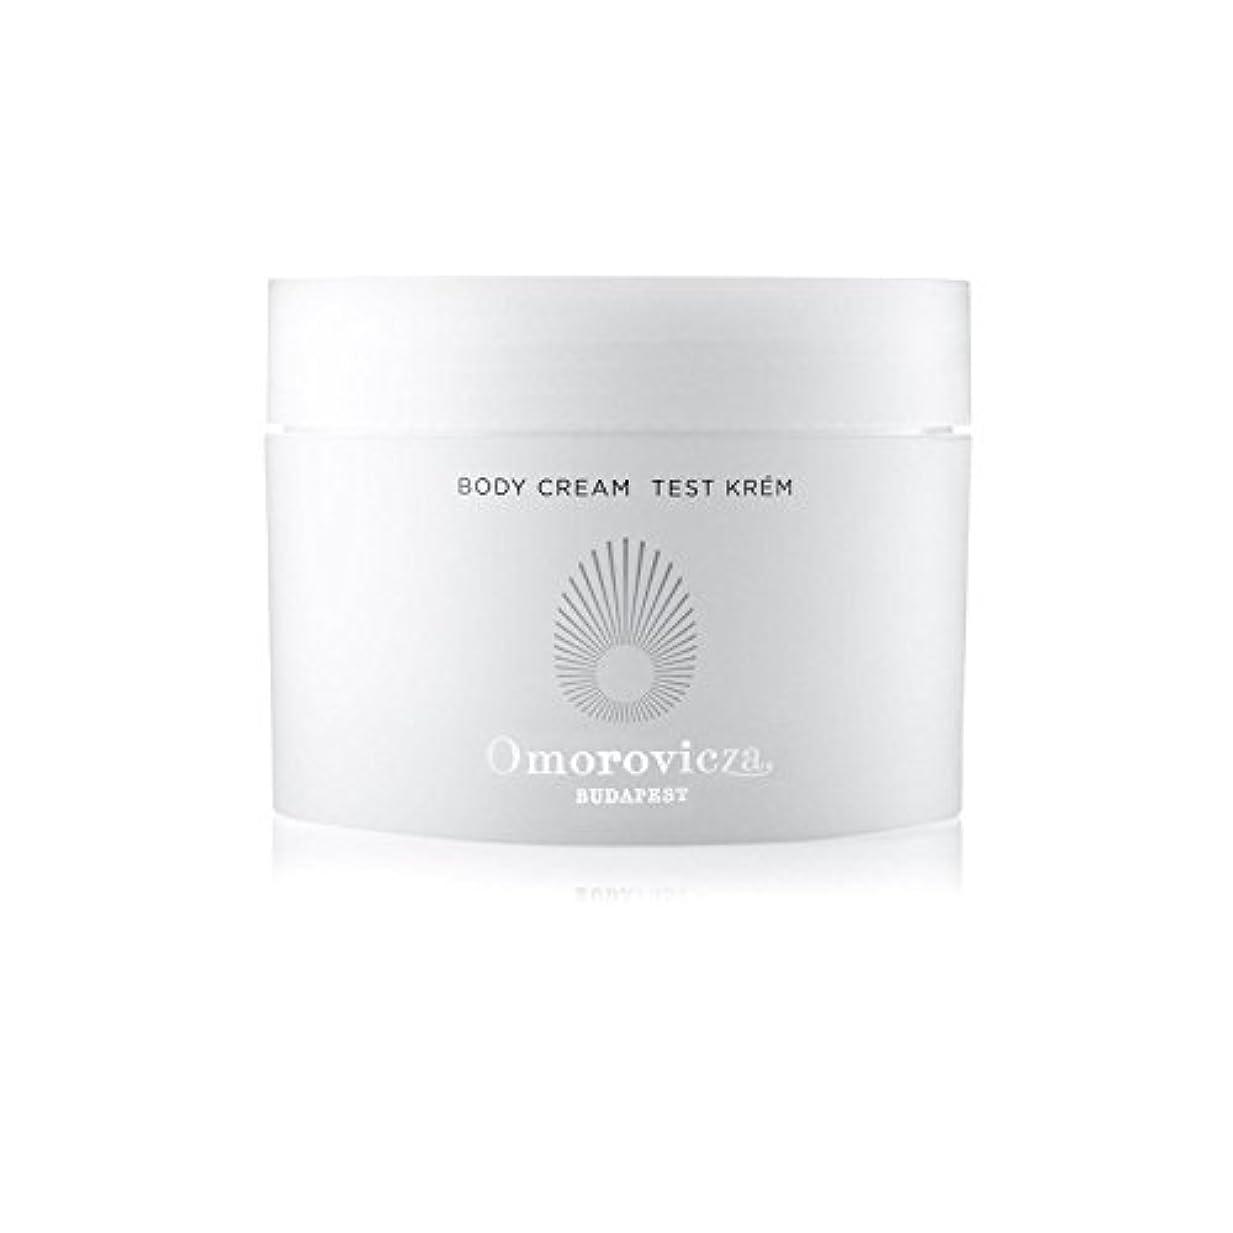 音節調整郊外ボディクリーム(200ミリリットル) x2 - Omorovicza Body Cream (200ml) (Pack of 2) [並行輸入品]